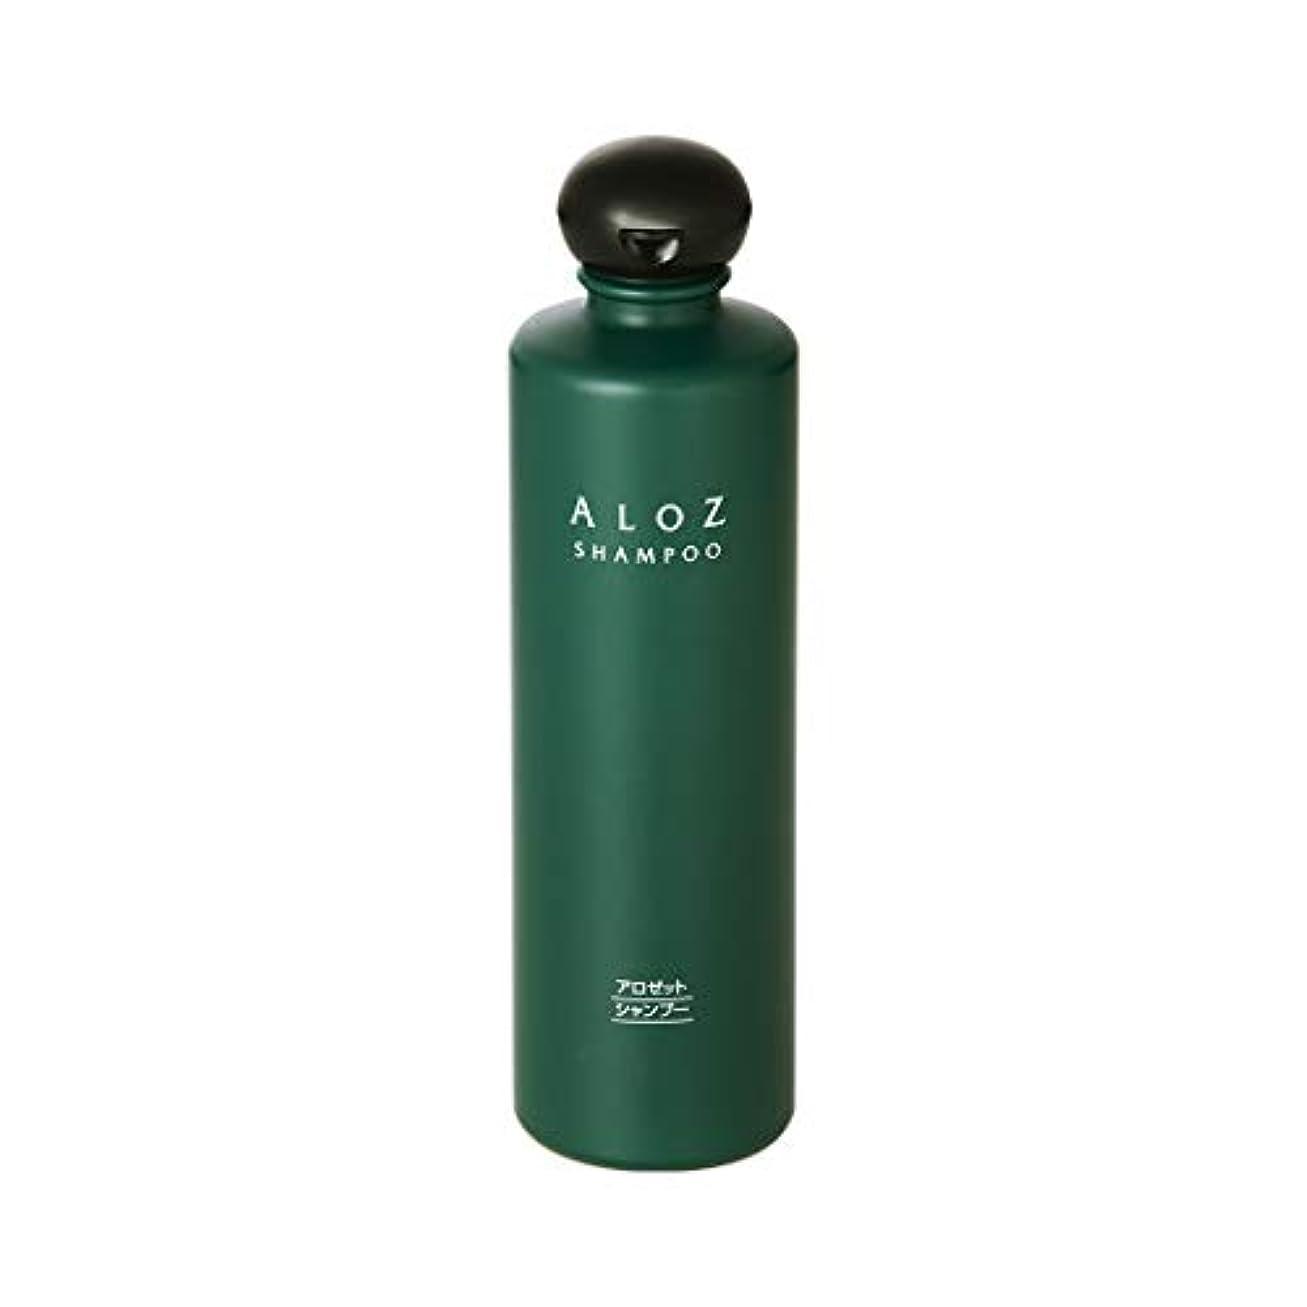 オーストラリア流大佐アロゼット シャンプー(髪質改善)アミノ酸主体